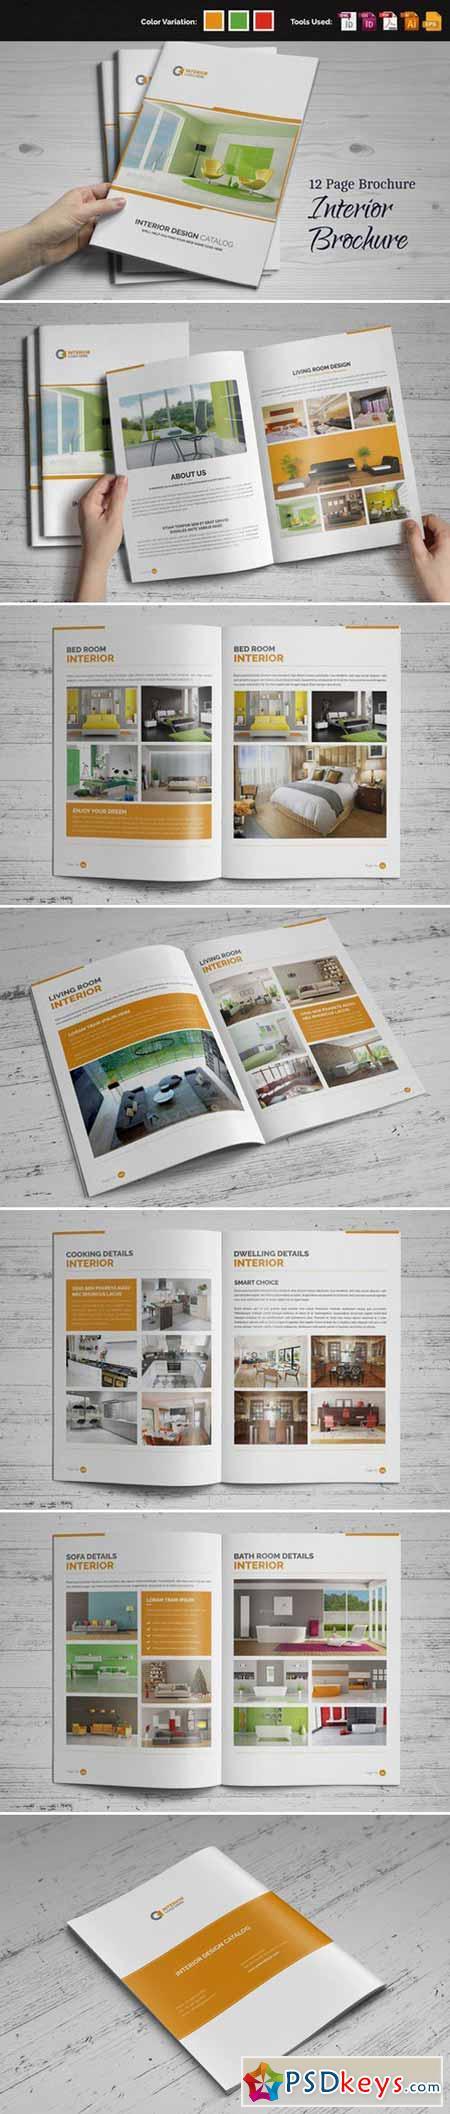 Interior Brochure InDesign v2 459060 Free Download Photoshop